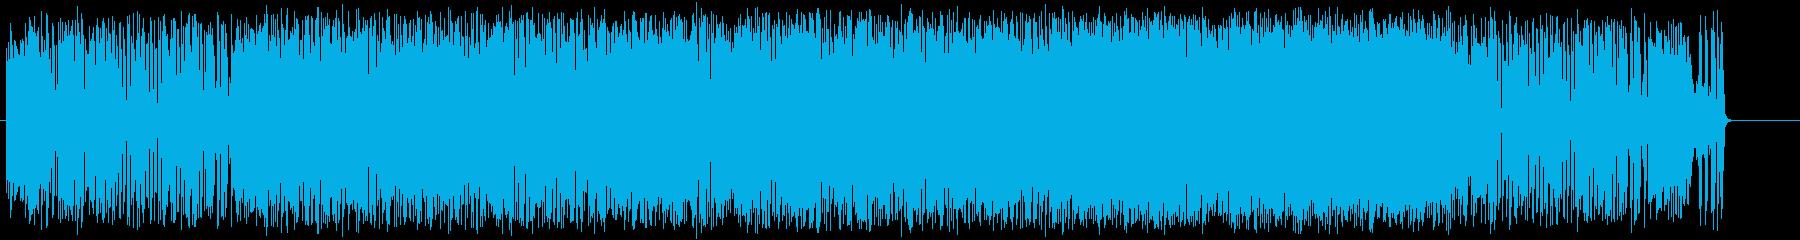 レース 激しい 若さ CM スピードの再生済みの波形